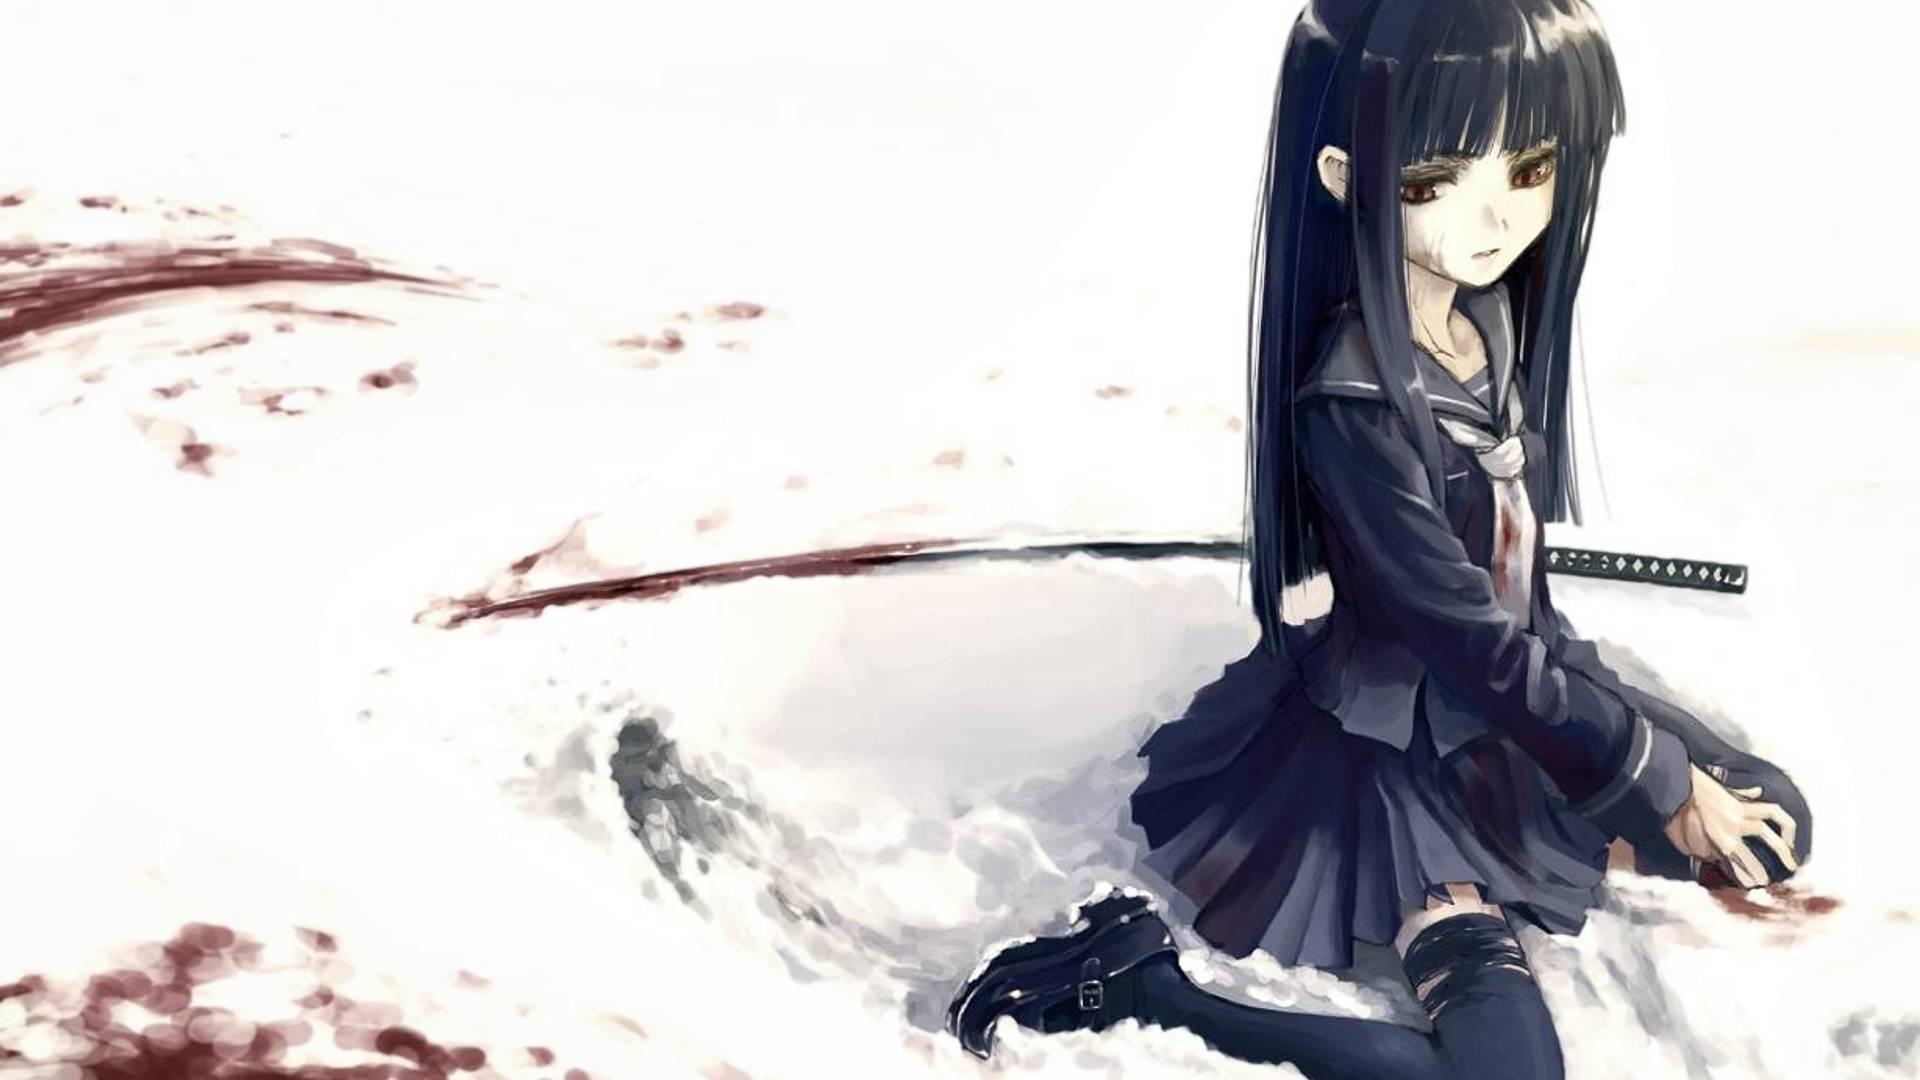 Female anime wallpaper